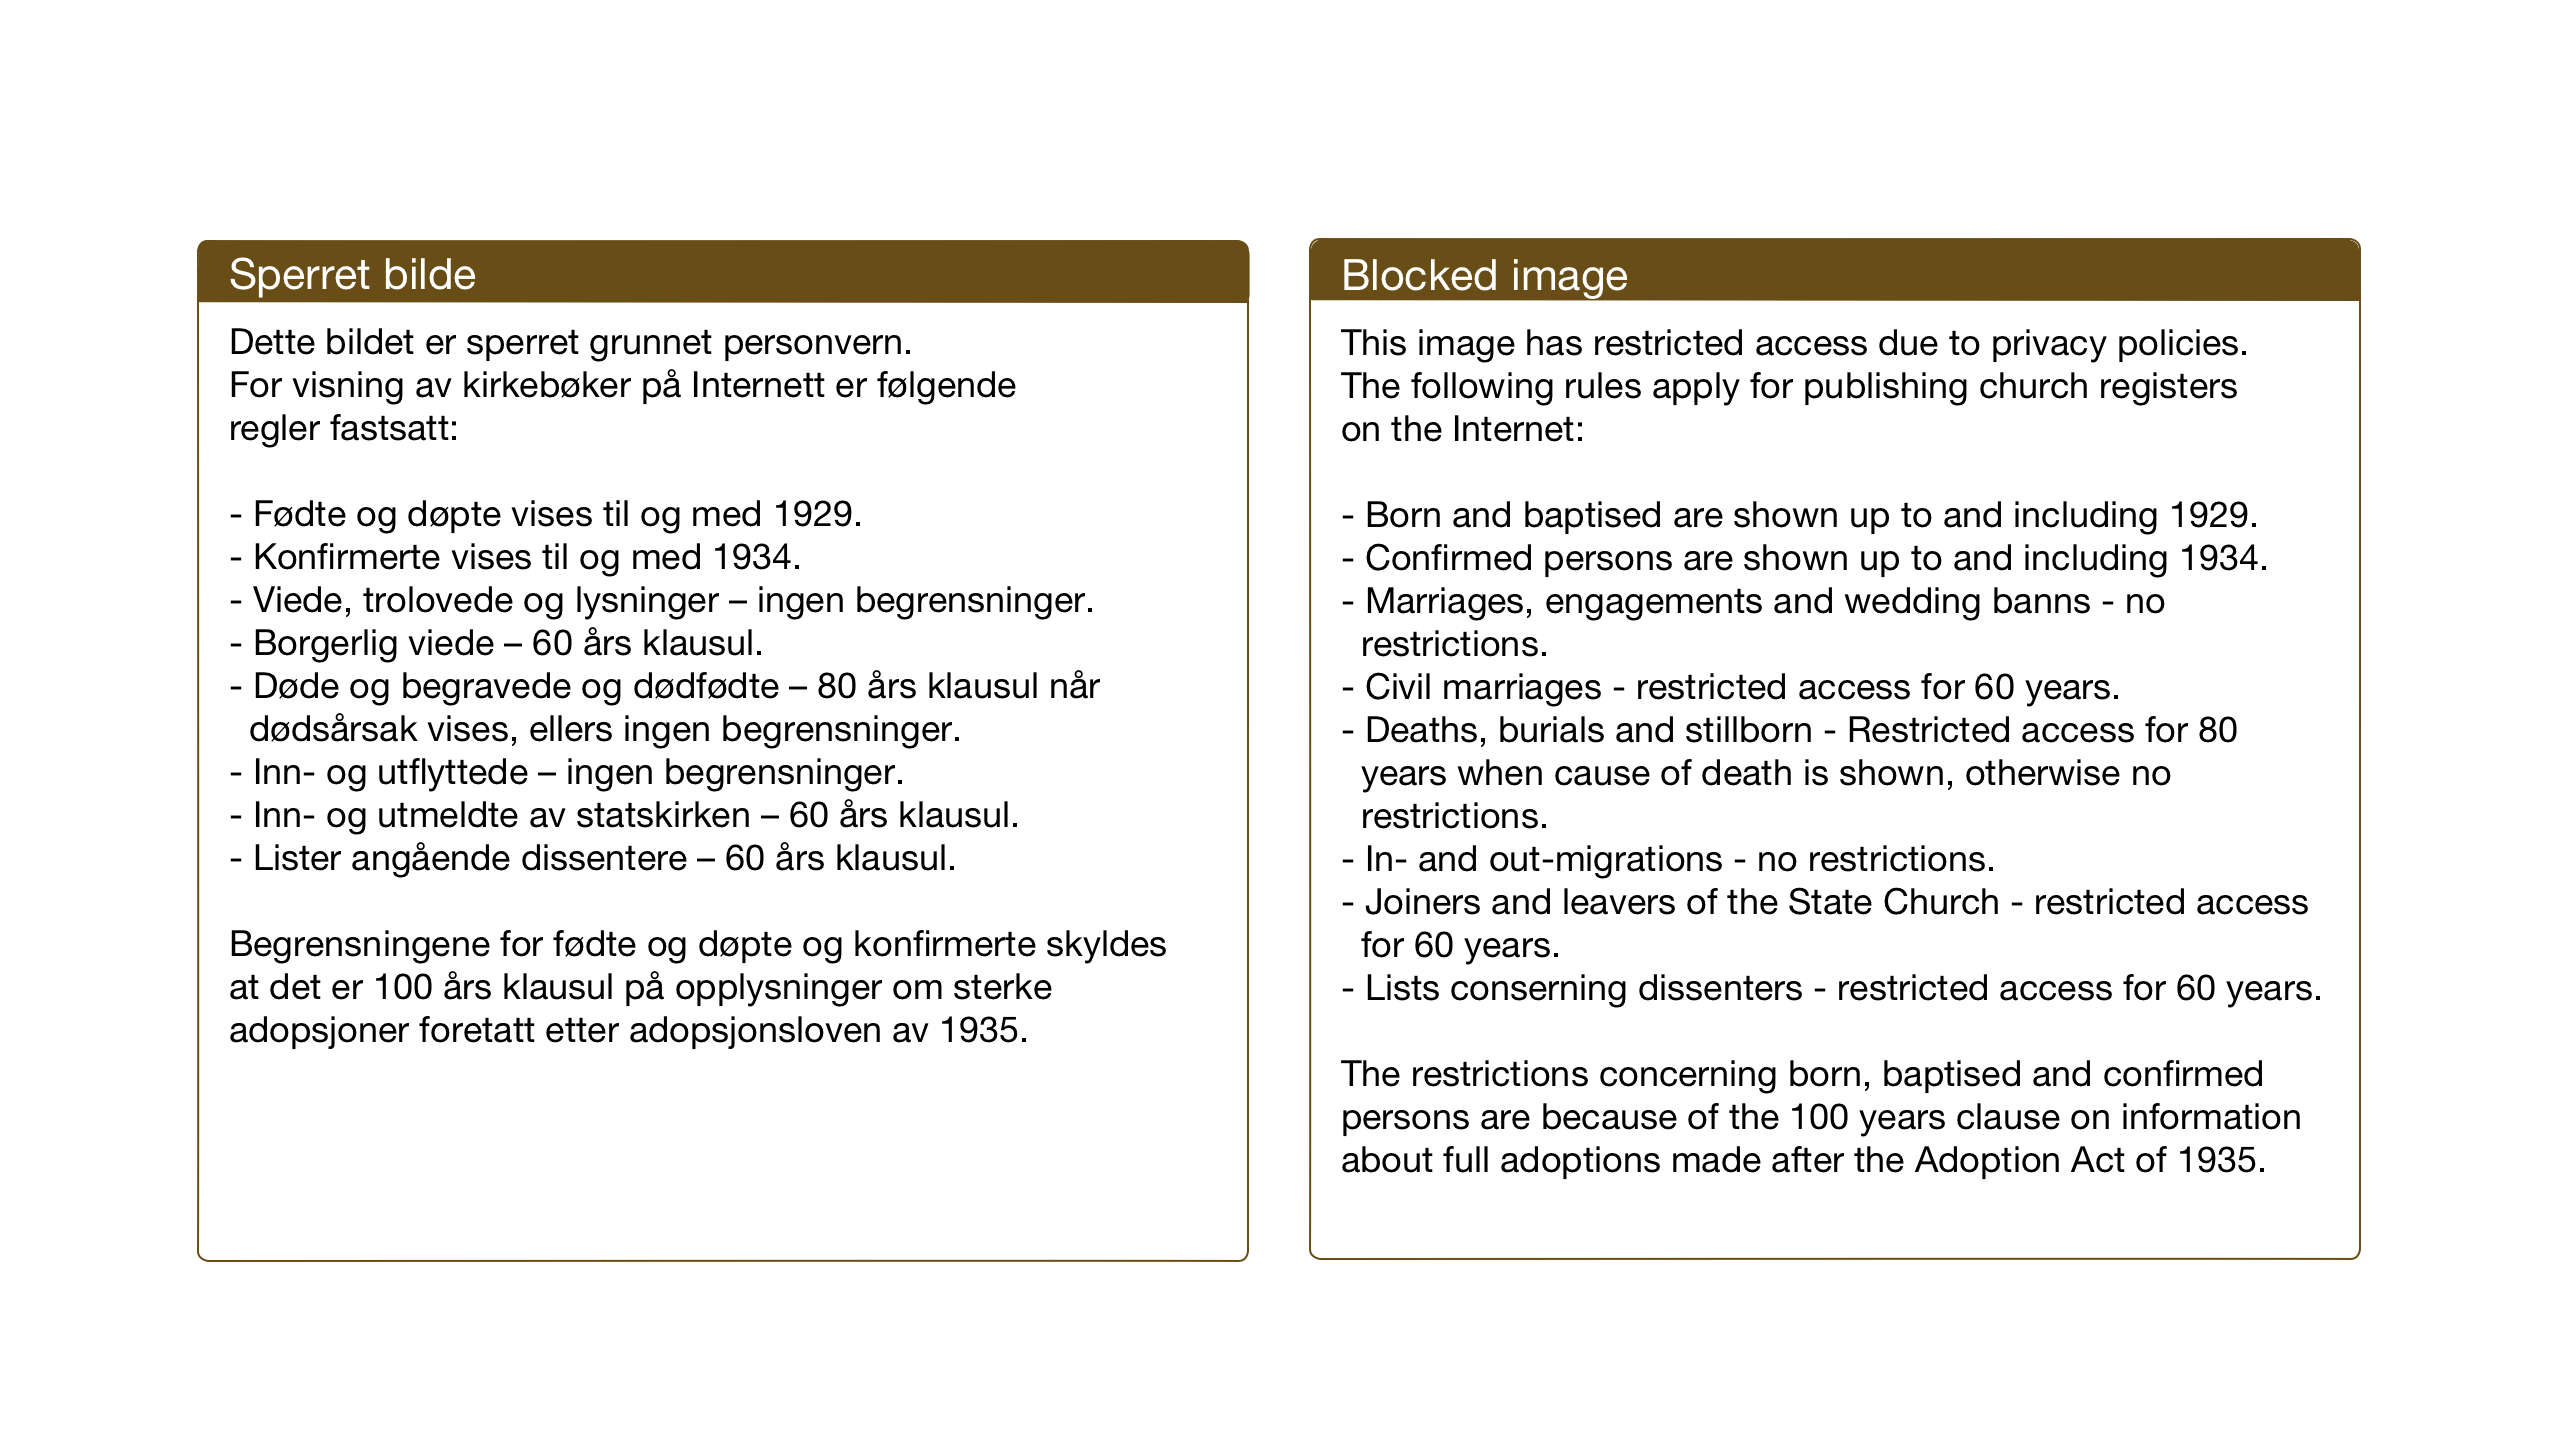 SAT, Ministerialprotokoller, klokkerbøker og fødselsregistre - Sør-Trøndelag, 685/L0979: Klokkerbok nr. 685C04, 1908-1933, s. 47